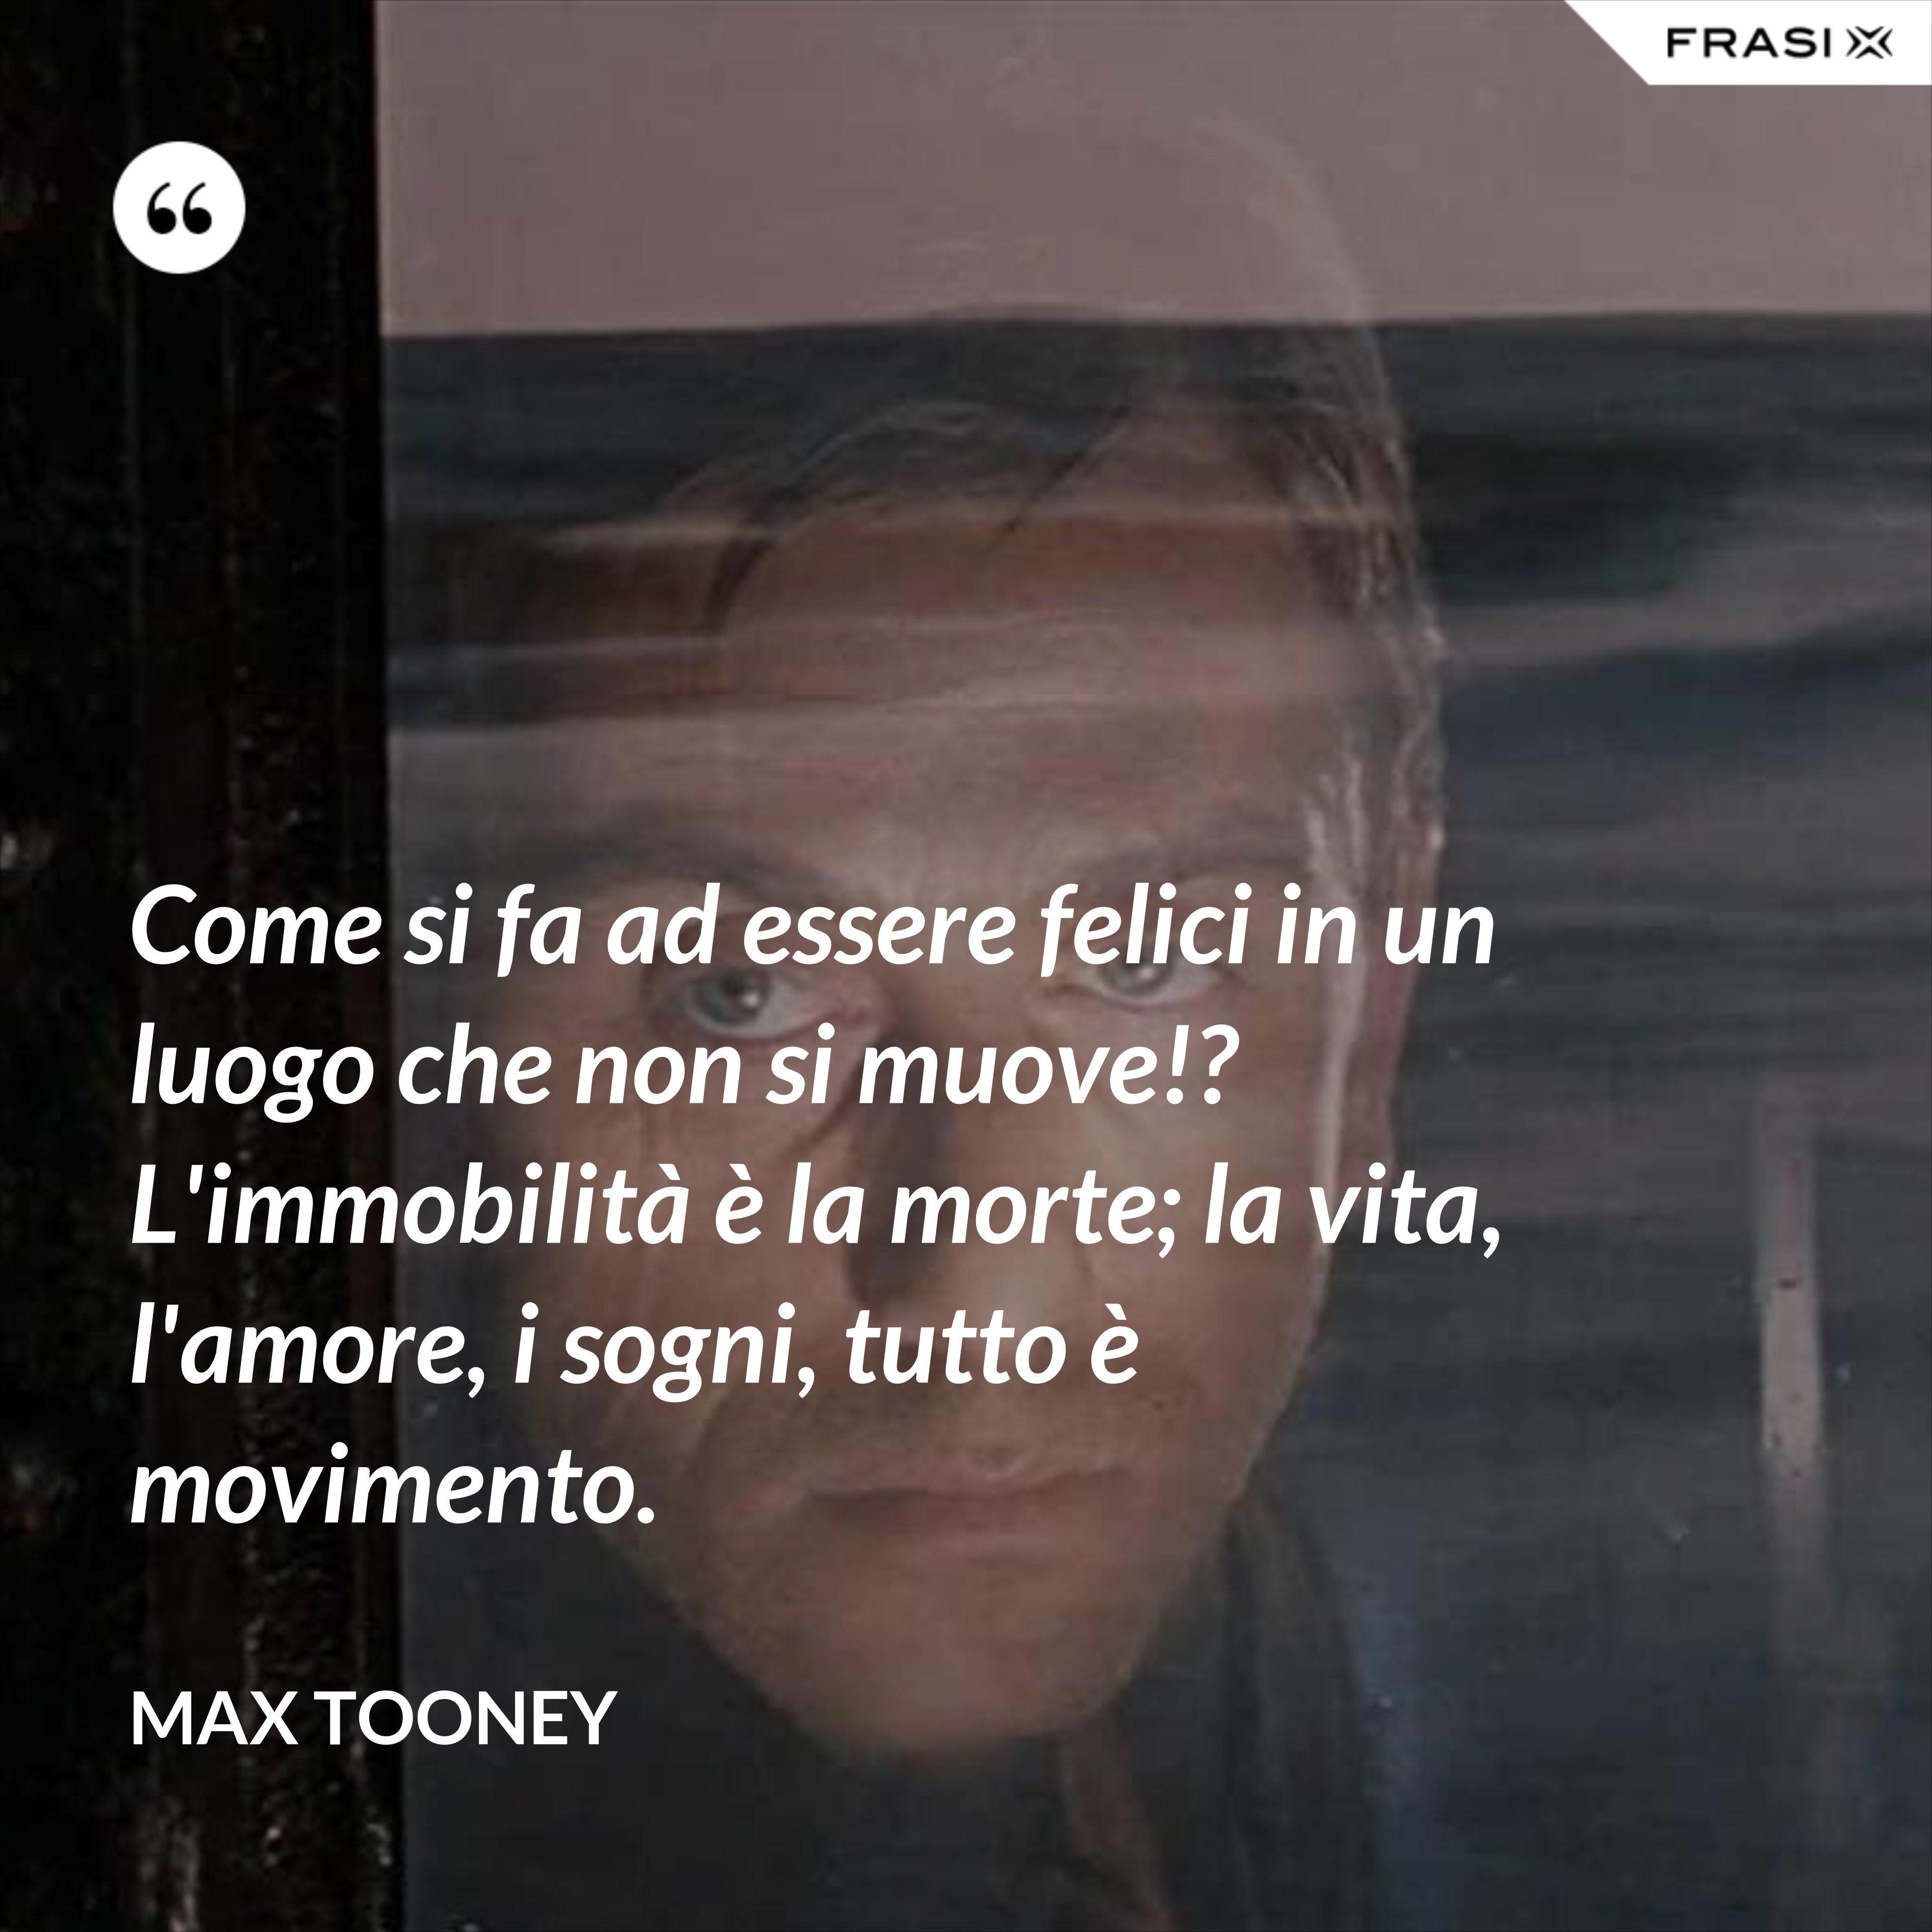 Come si fa ad essere felici in un luogo che non si muove!? L'immobilità è la morte; la vita, l'amore, i sogni, tutto è movimento. - Max Tooney